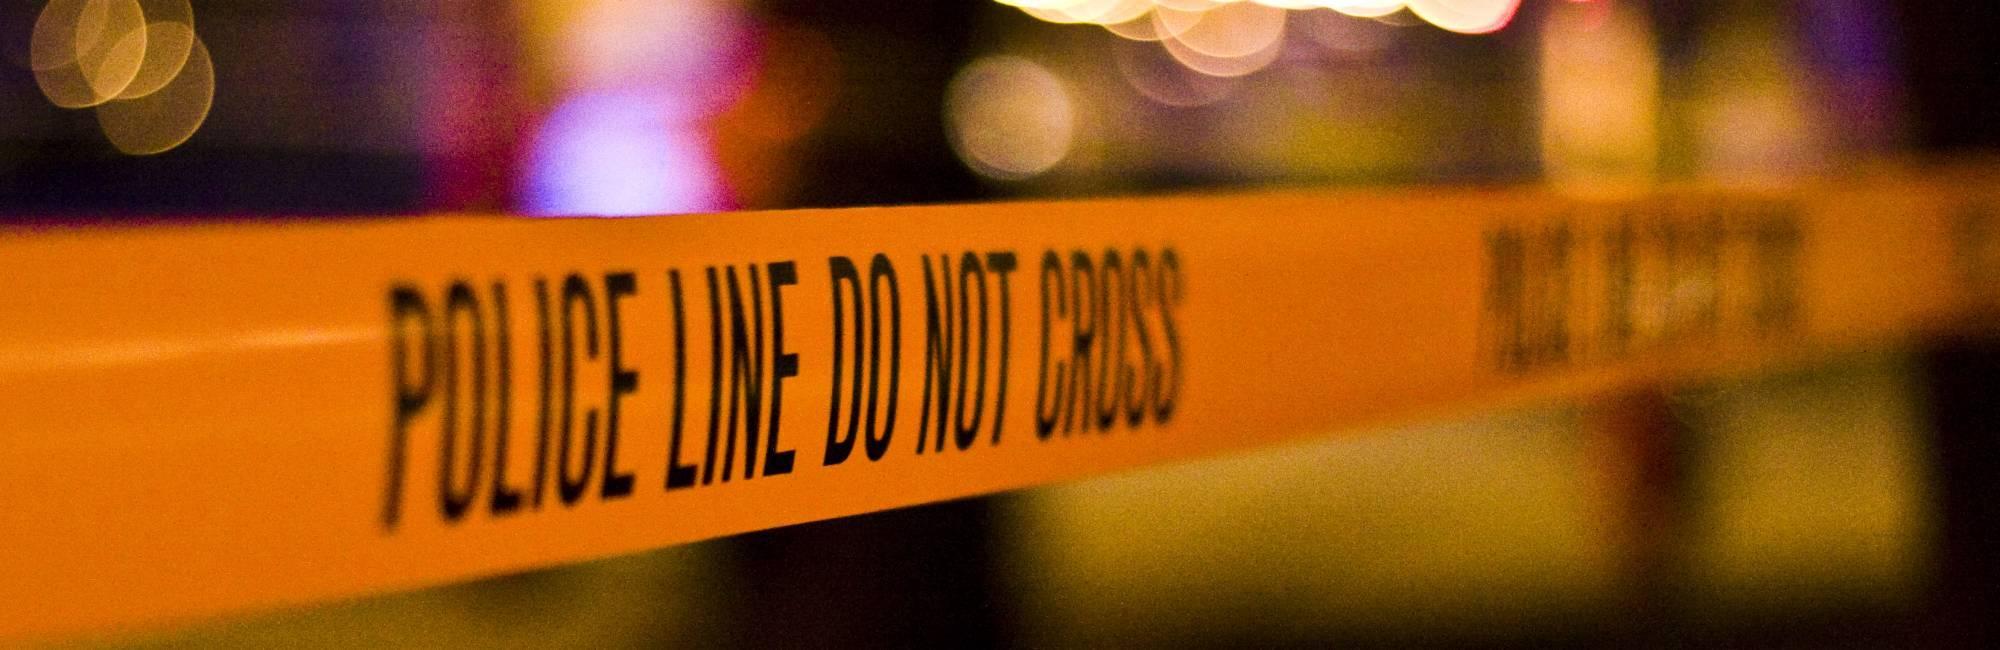 police line tape with lights in dark scene